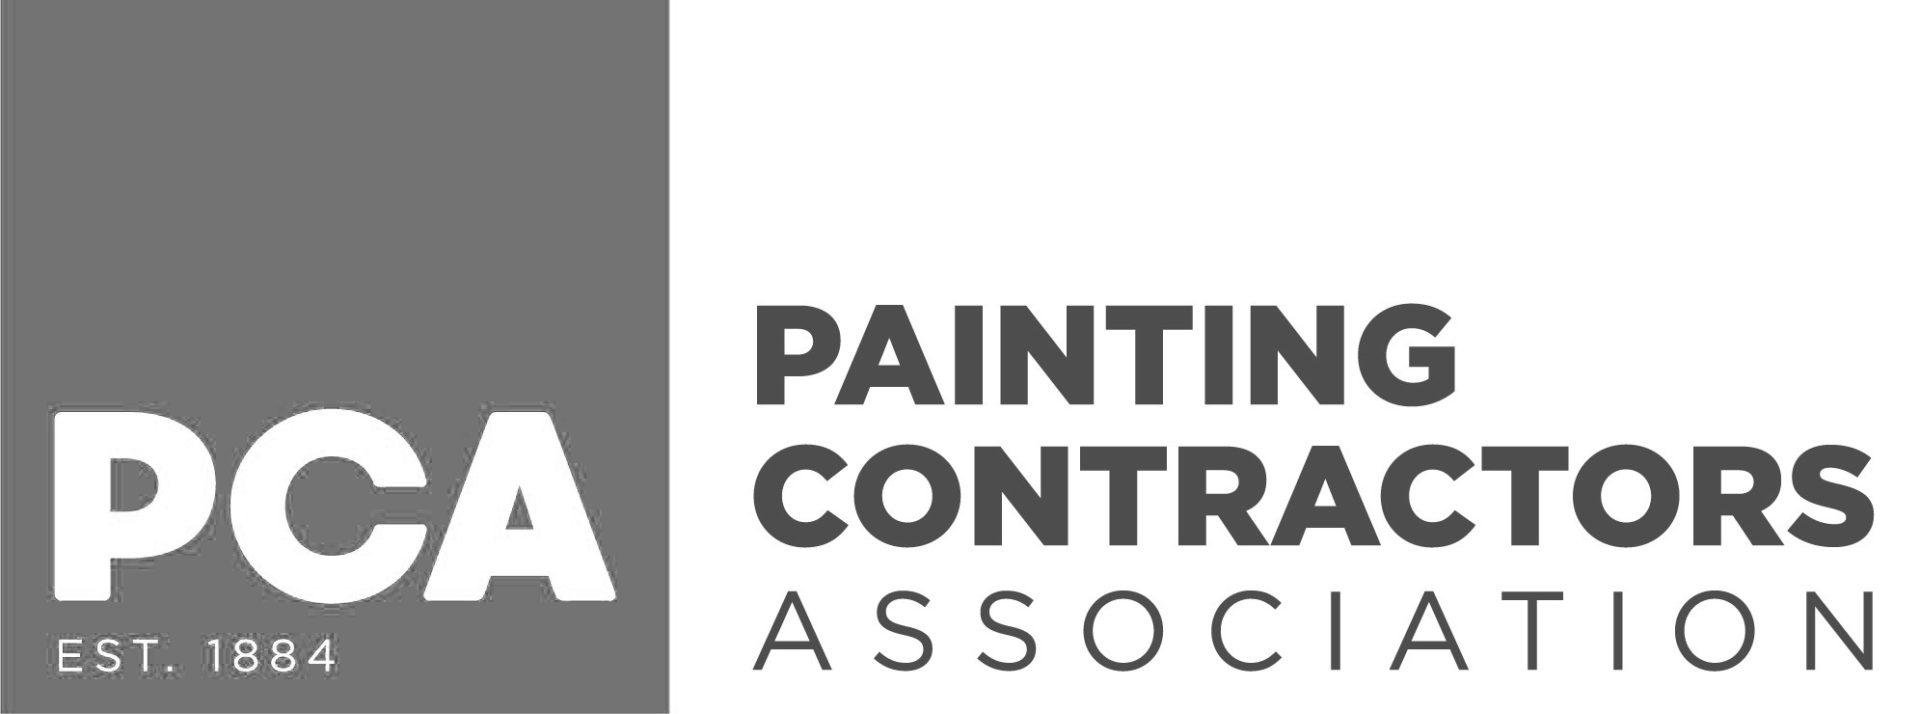 PCA-logo-bw